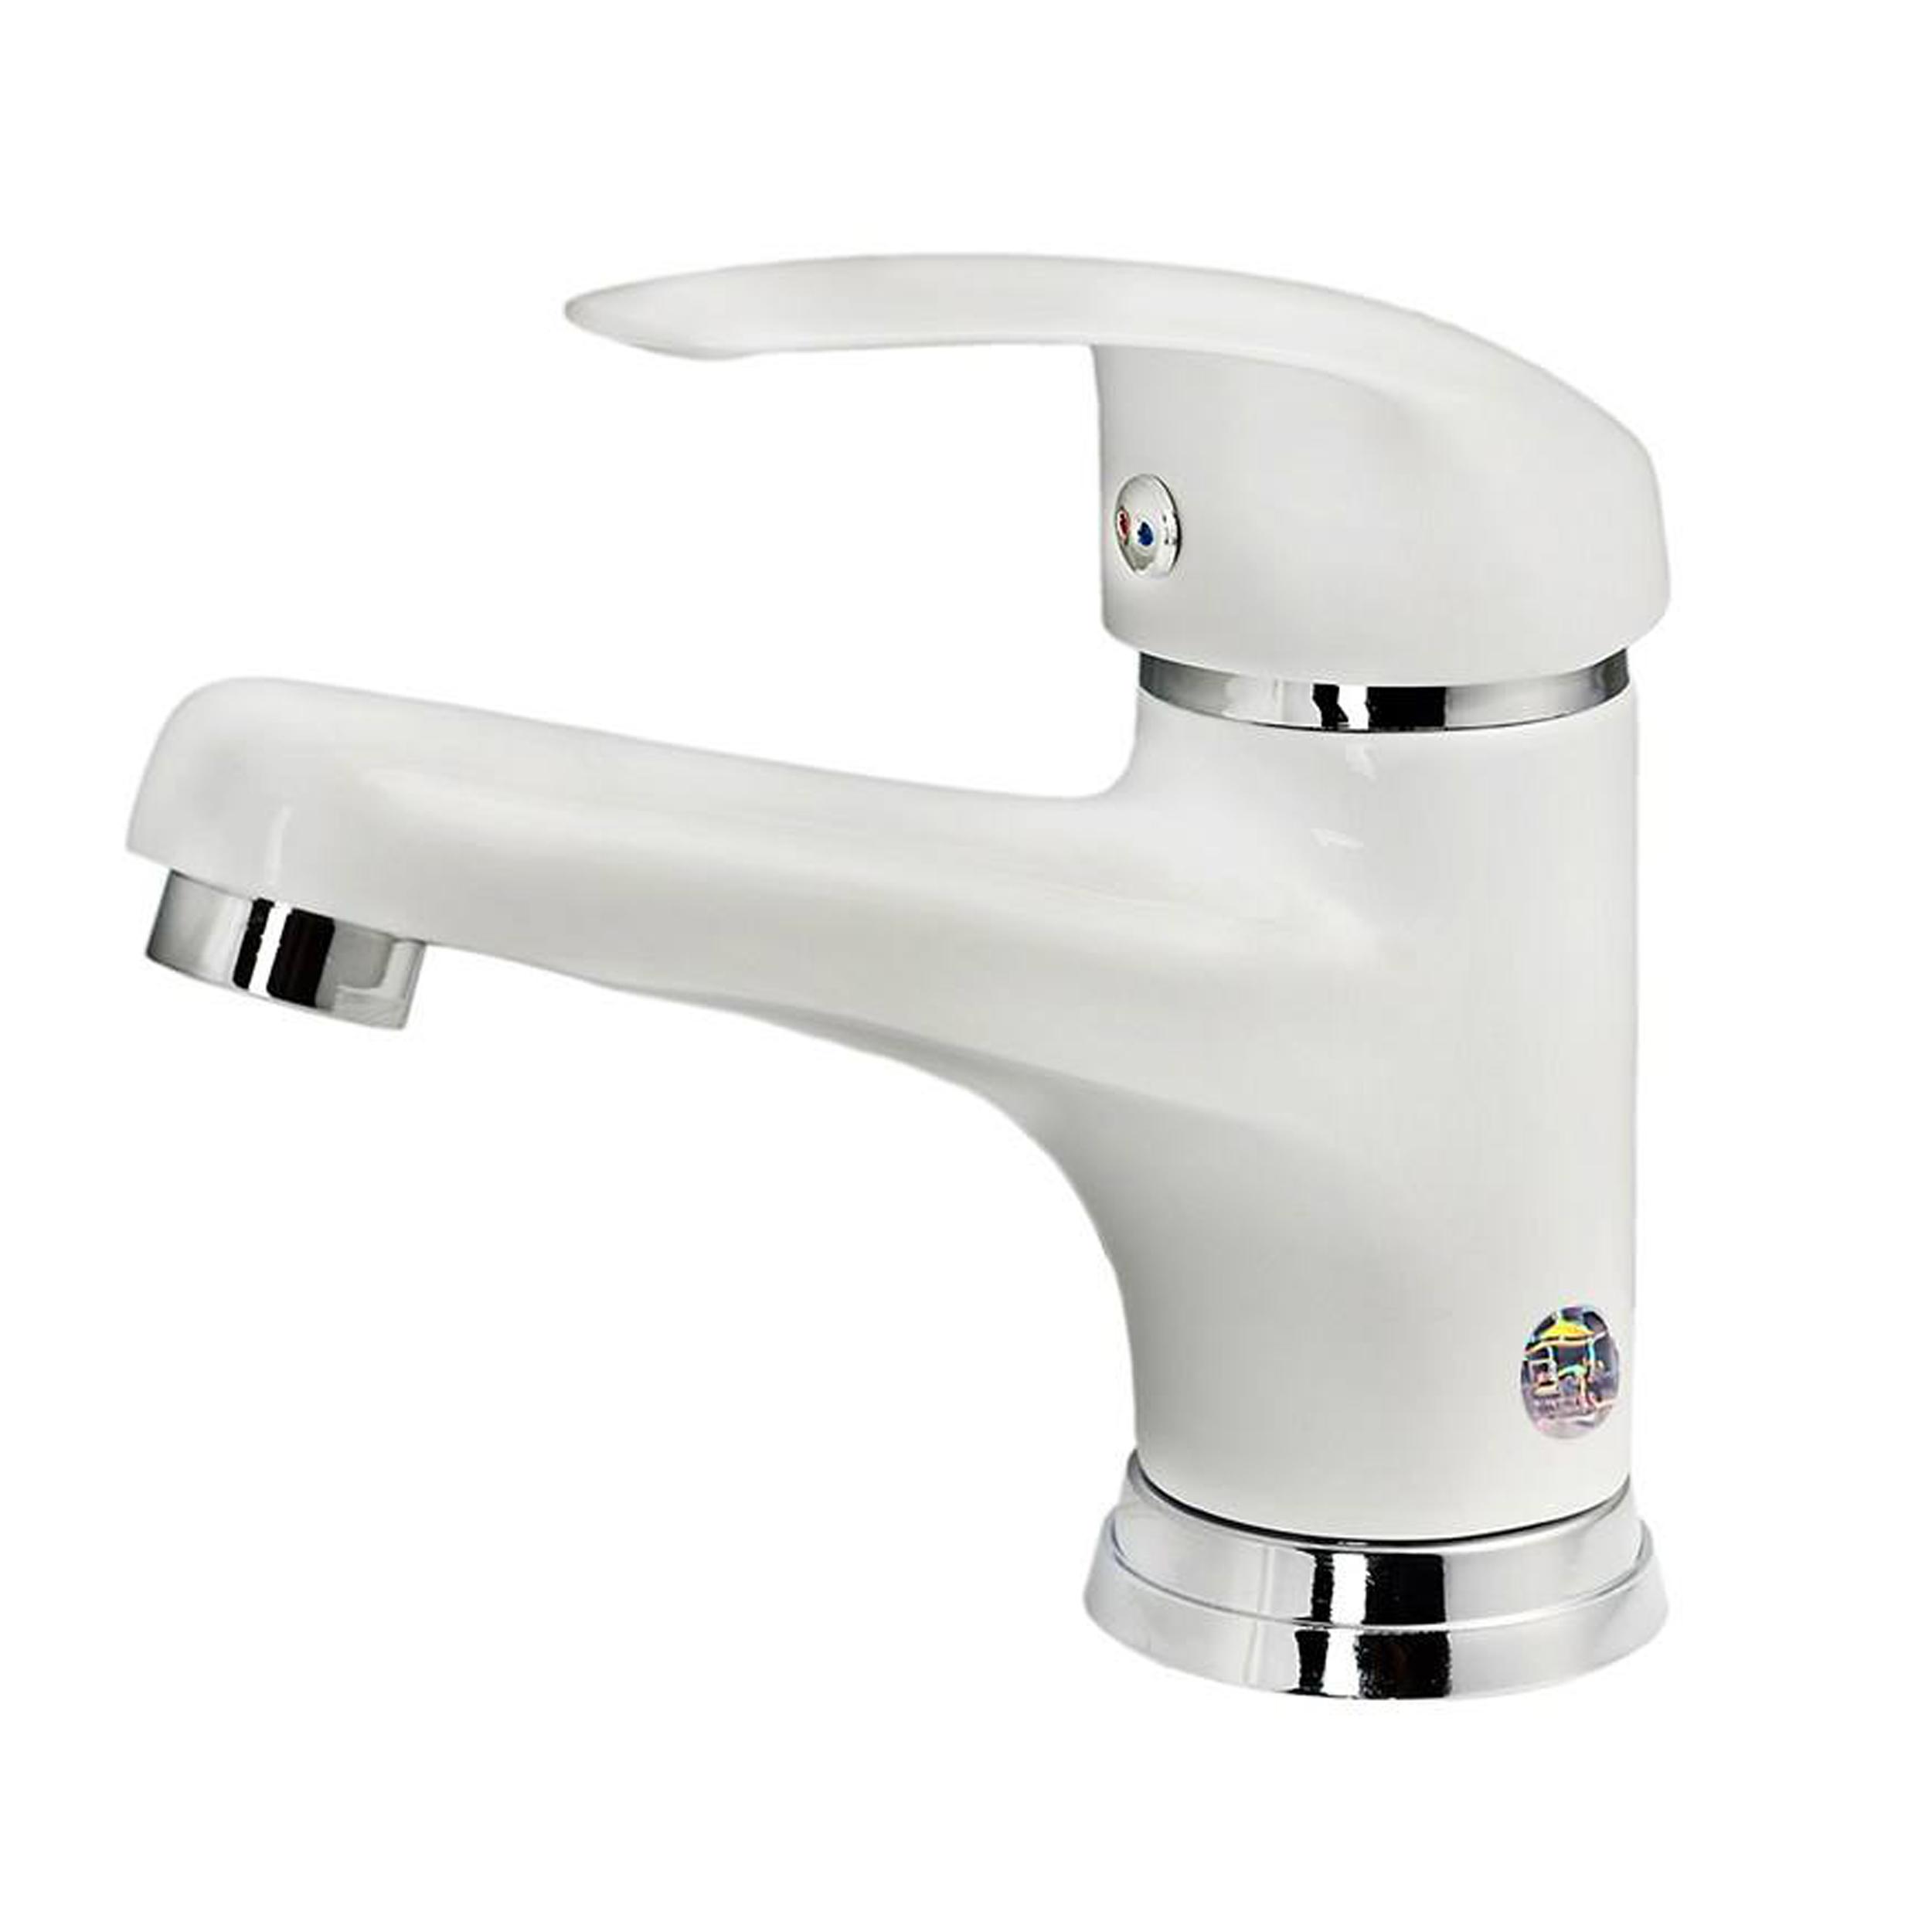 قیمت                                       شیر روشویی تکشیران مدل اردکی white